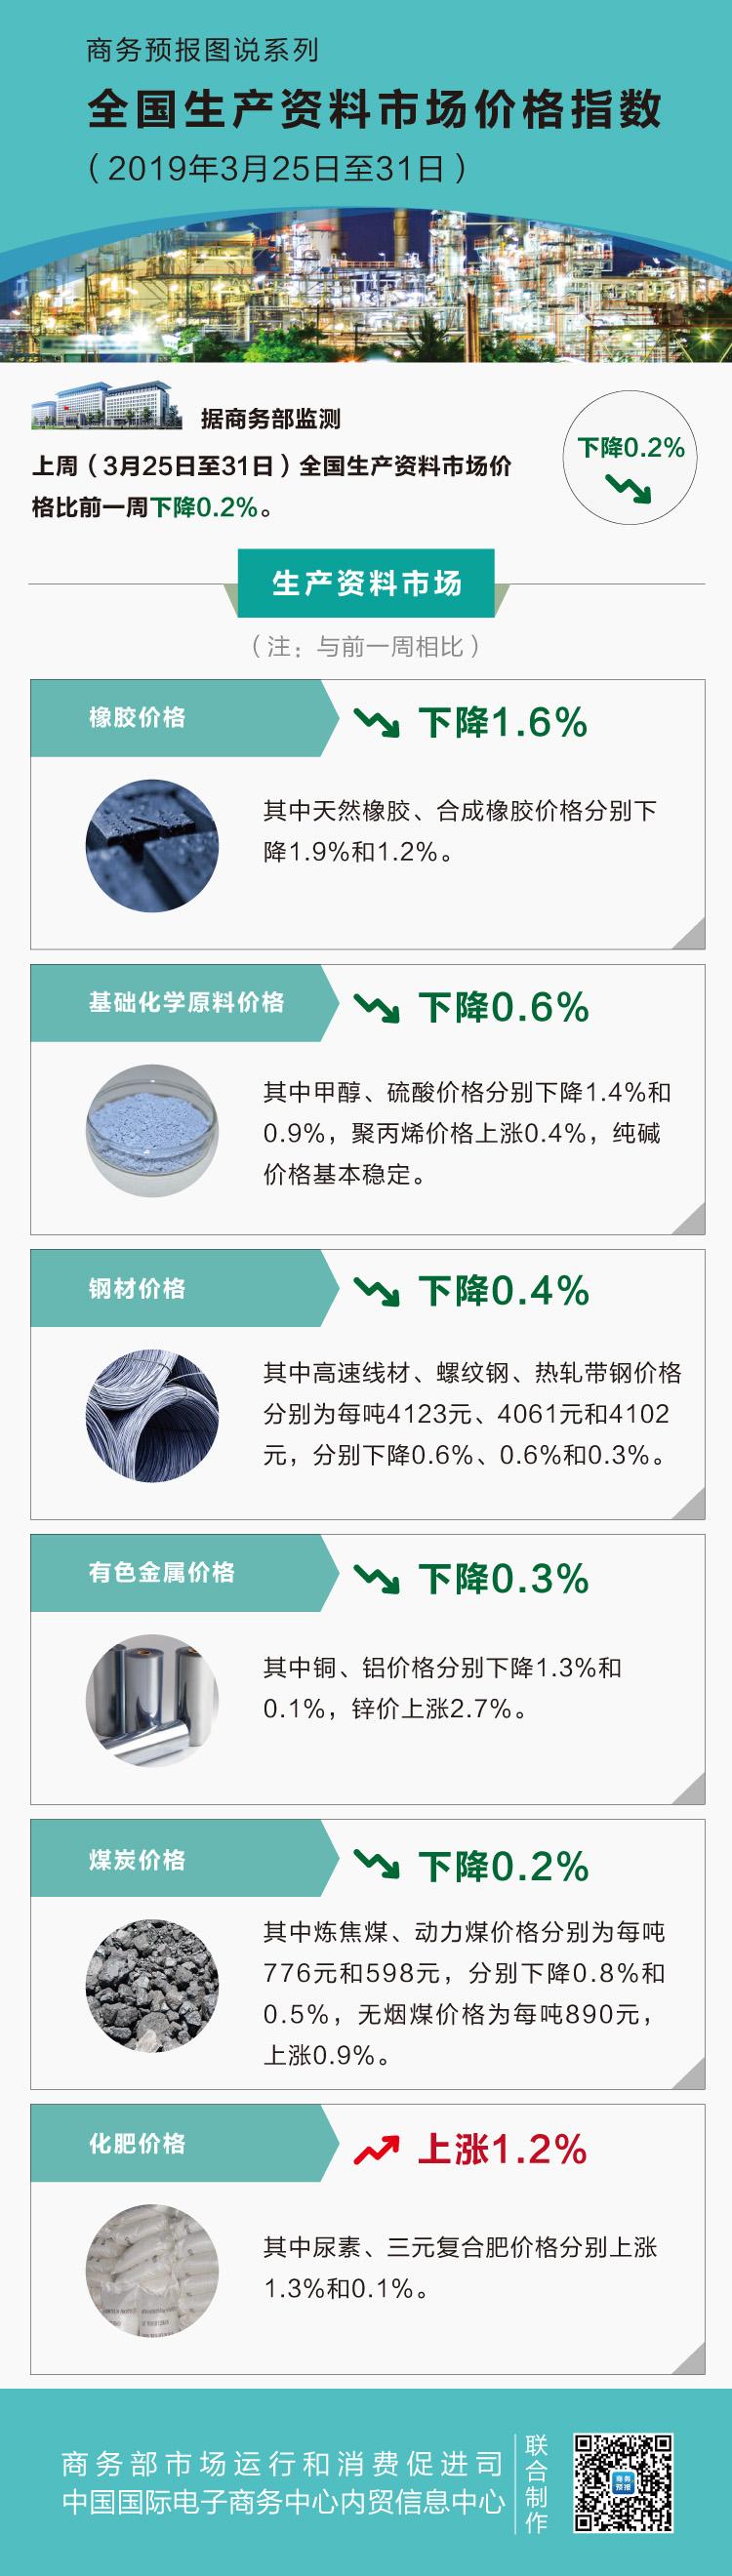 3月第五周生产资料价格小幅回落 天然橡胶下降1.9%